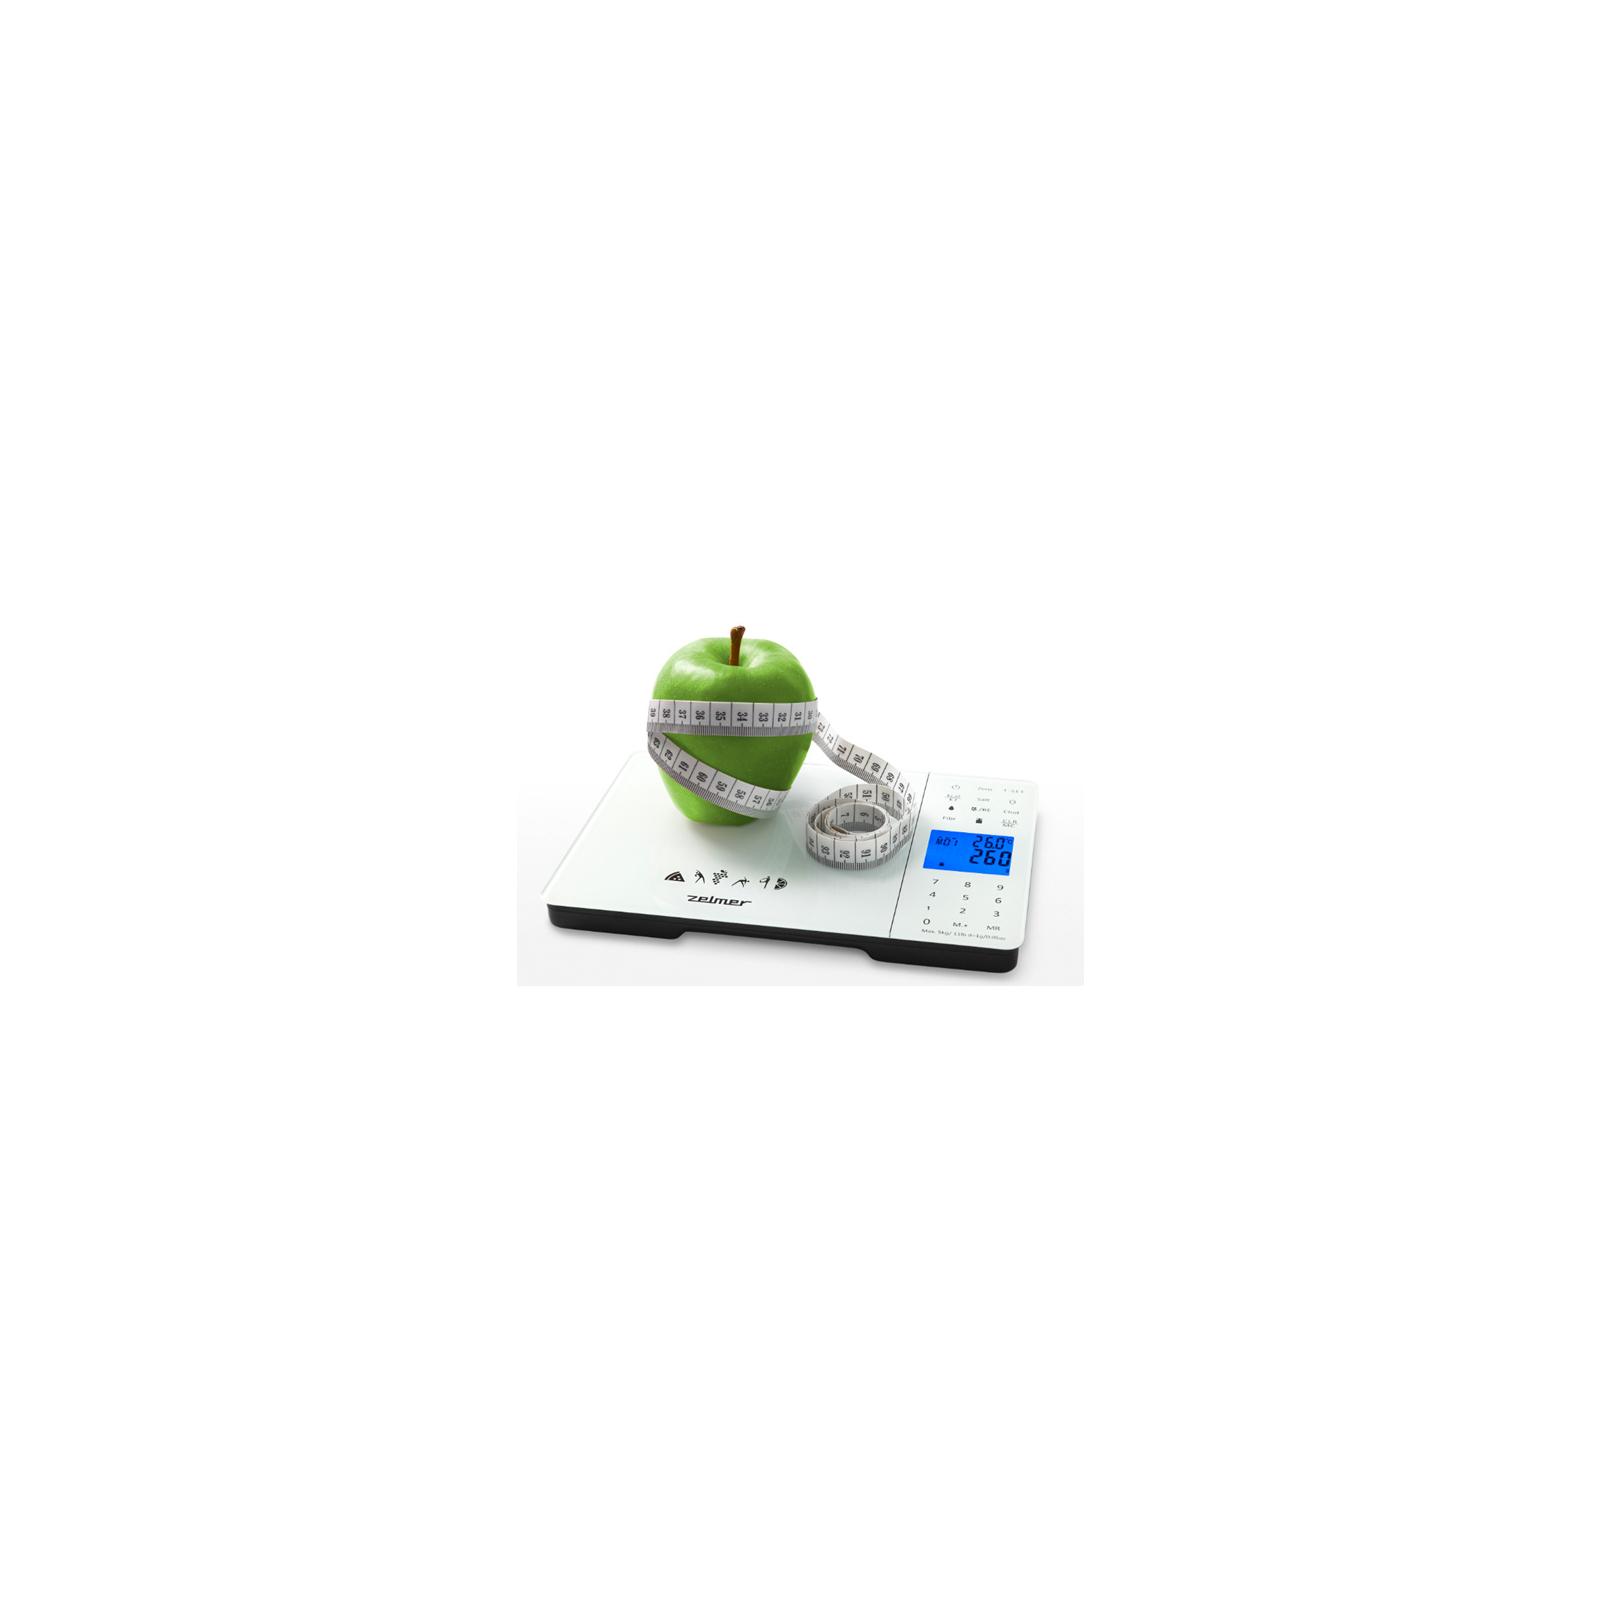 Весы кухонные Zelmer KS1700 изображение 2